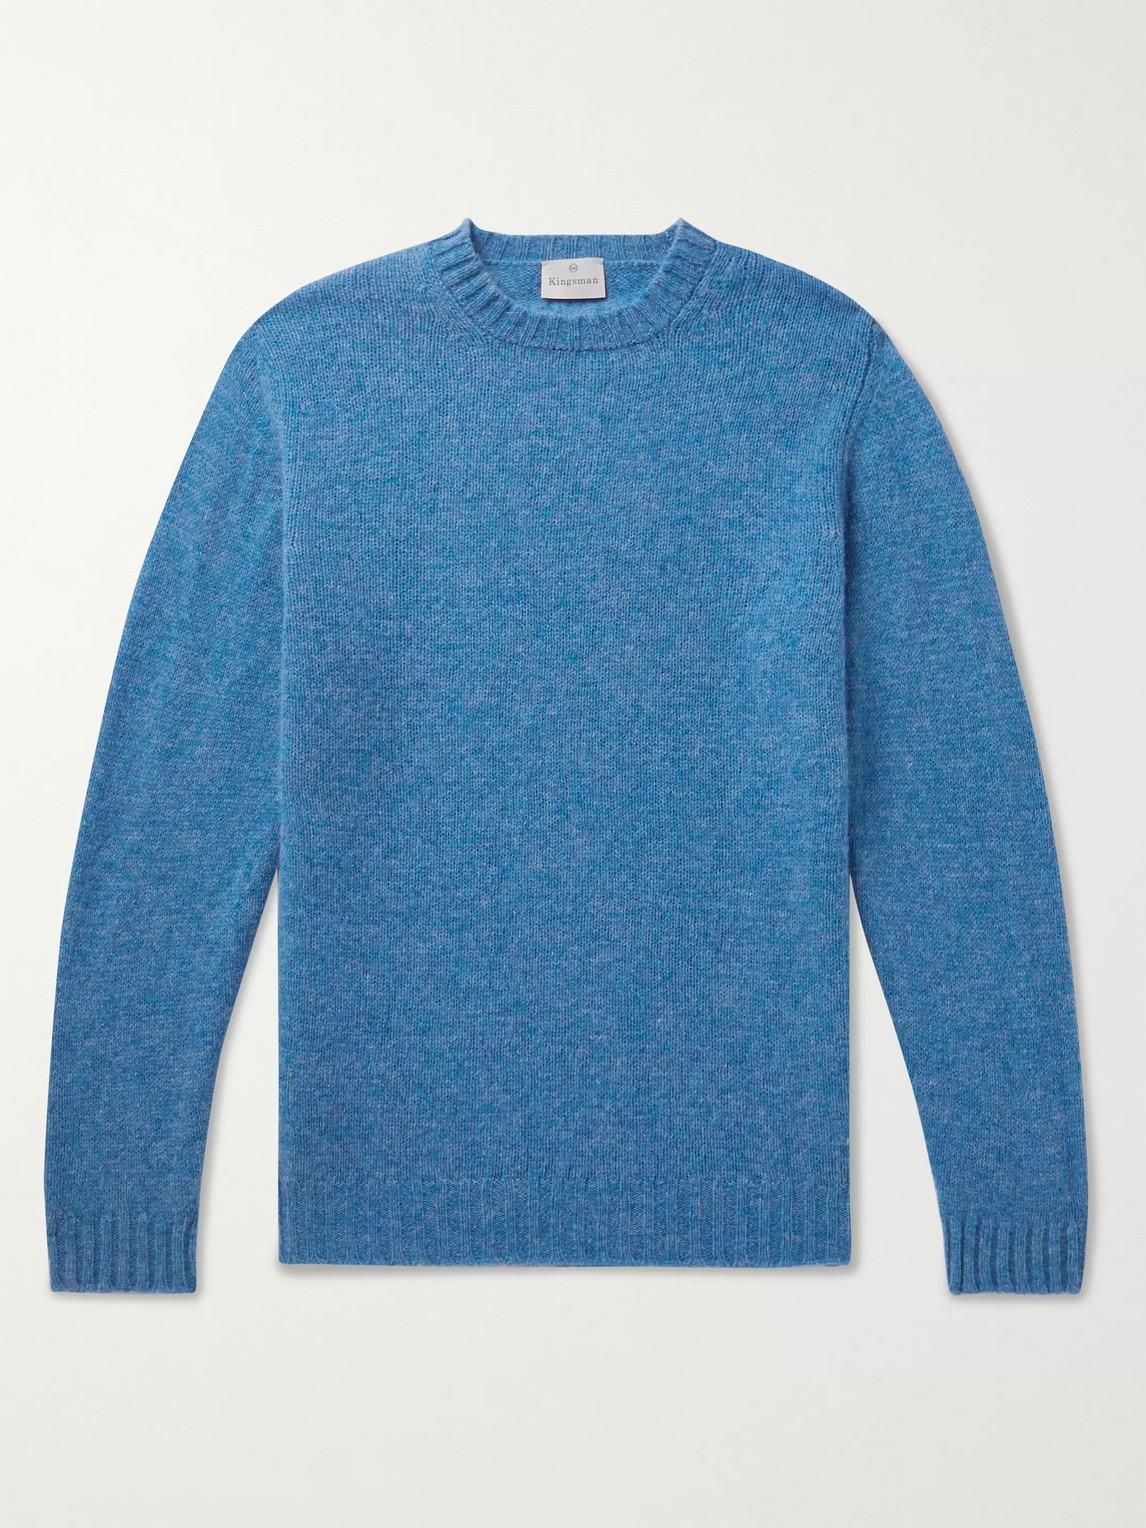 Kingsman Shetland Wool Sweater In Blue